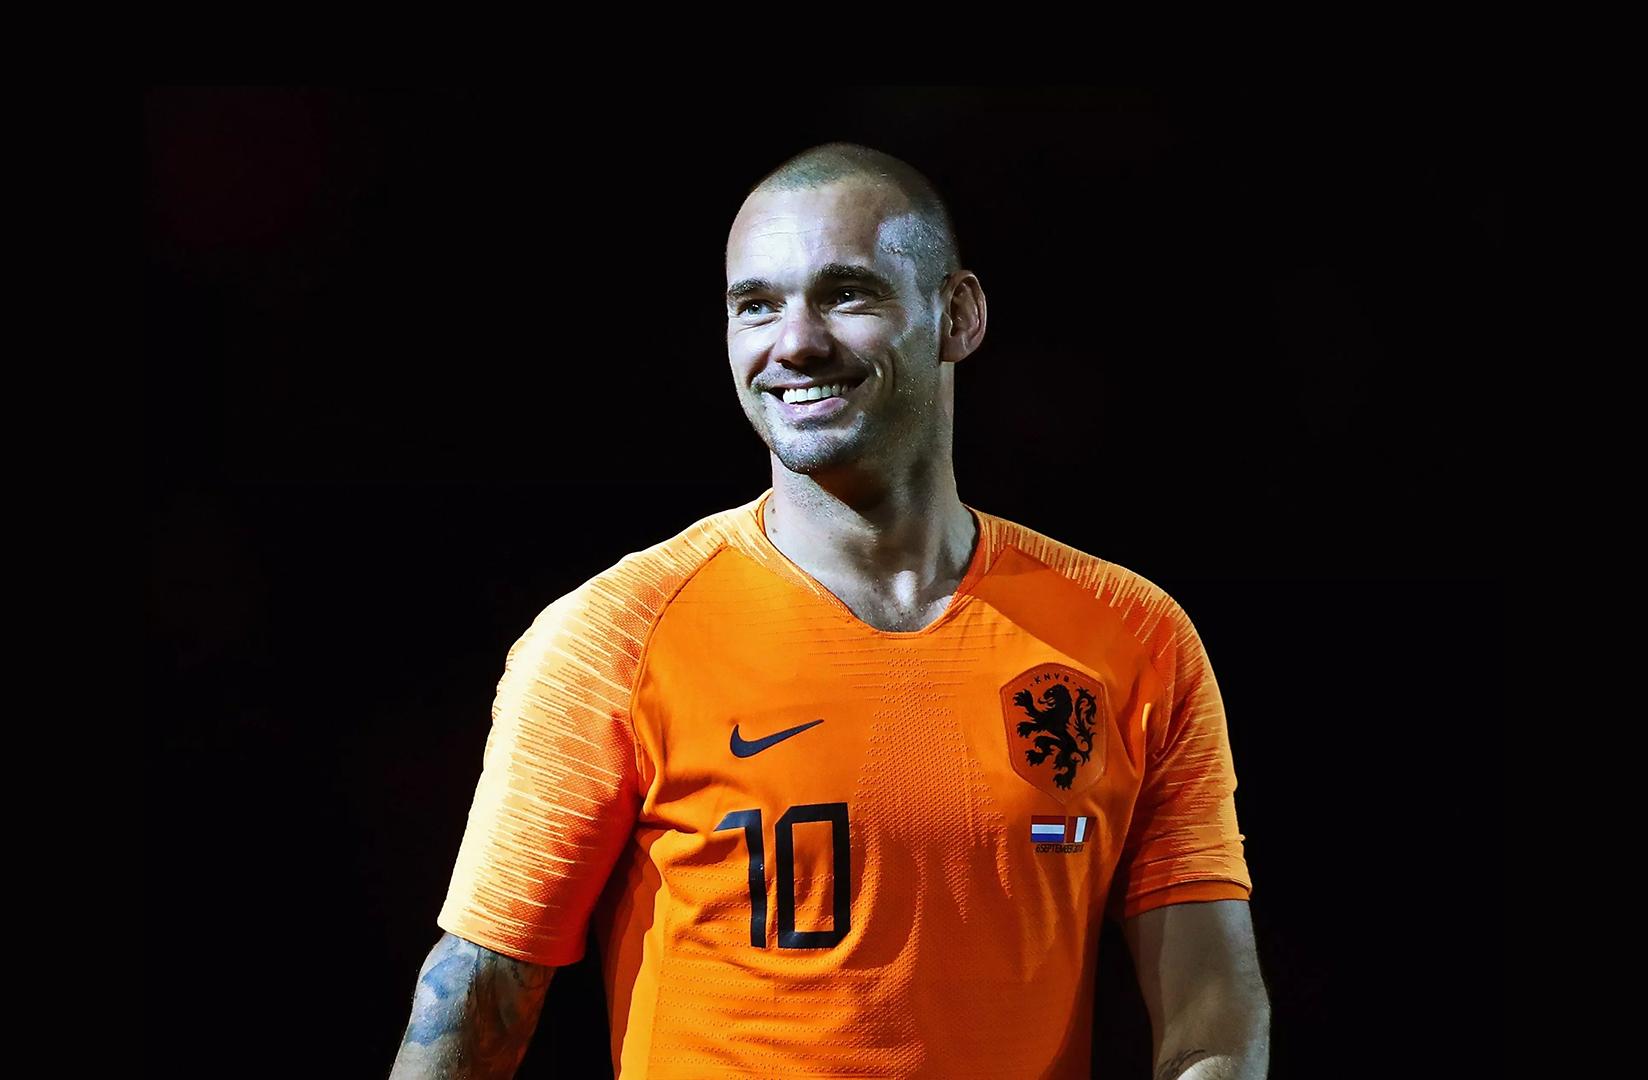 Legjenda e futbollit, Sneijder pensionohet nga futbolli